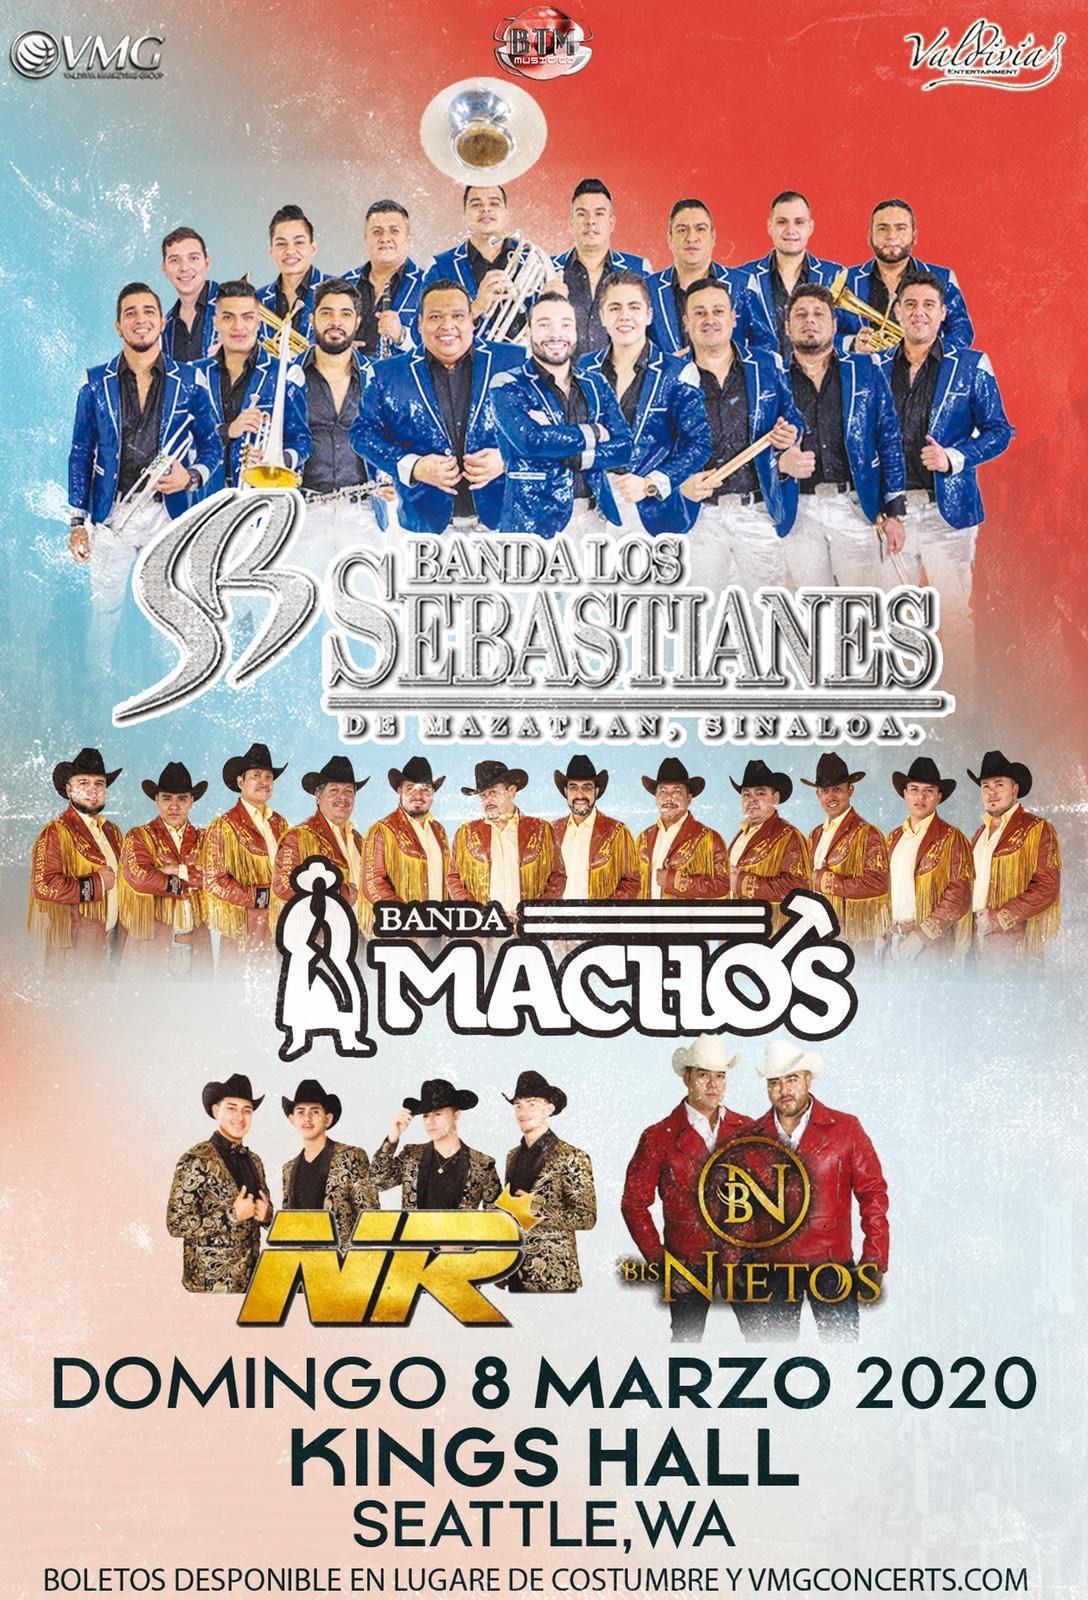 Banda Los Sebastianes, Banda Machos, NR, y Los Bisnietos. – Kings Hall de Seattle, WA